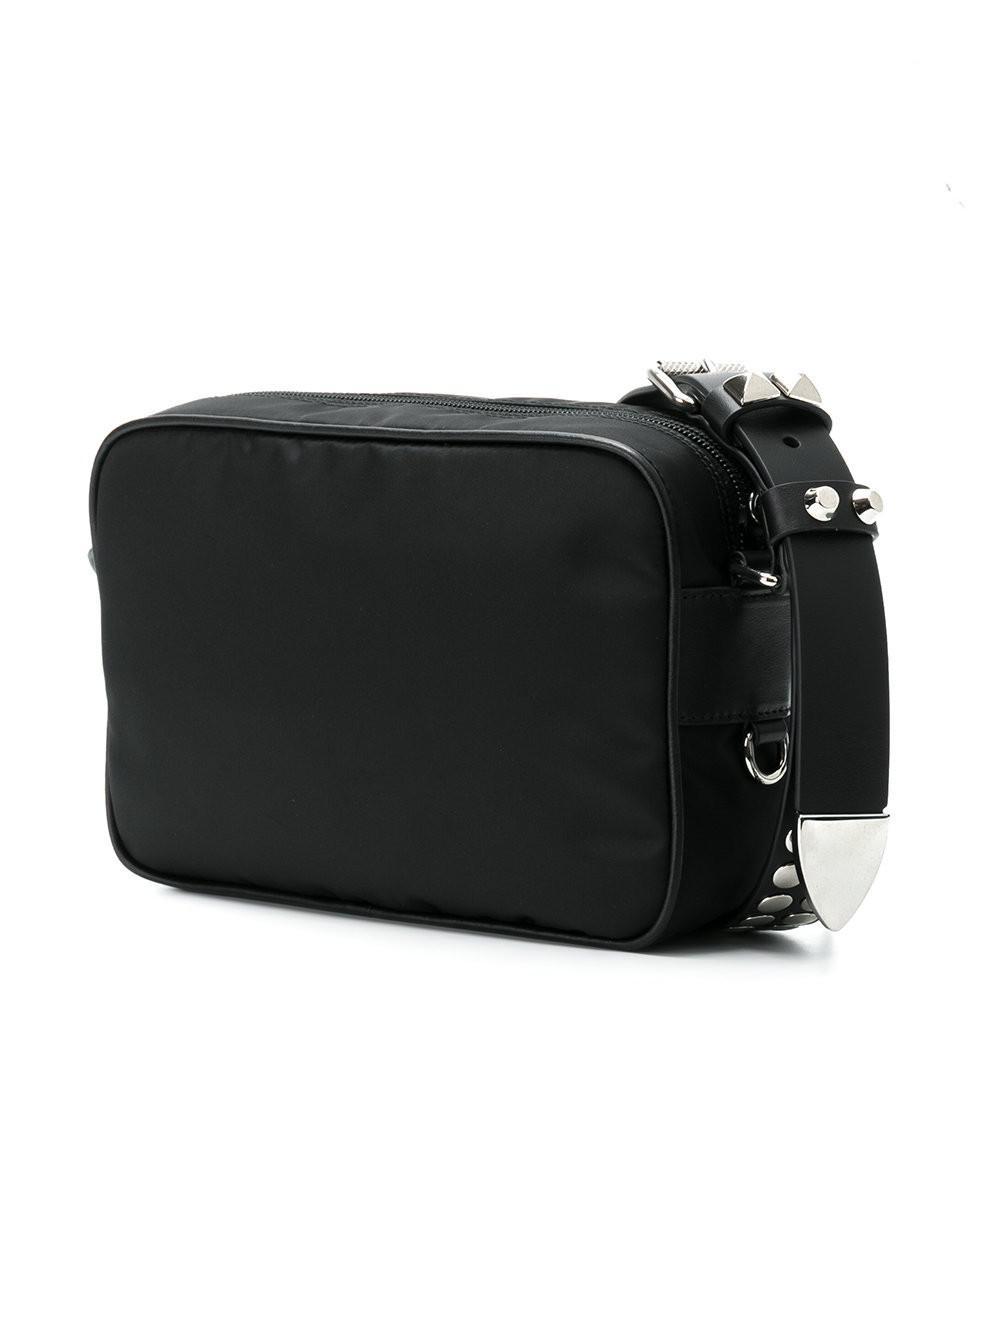 7f1bac827e57af Prada Black Studded Strap Textile Shoulder Bag in Black - Lyst